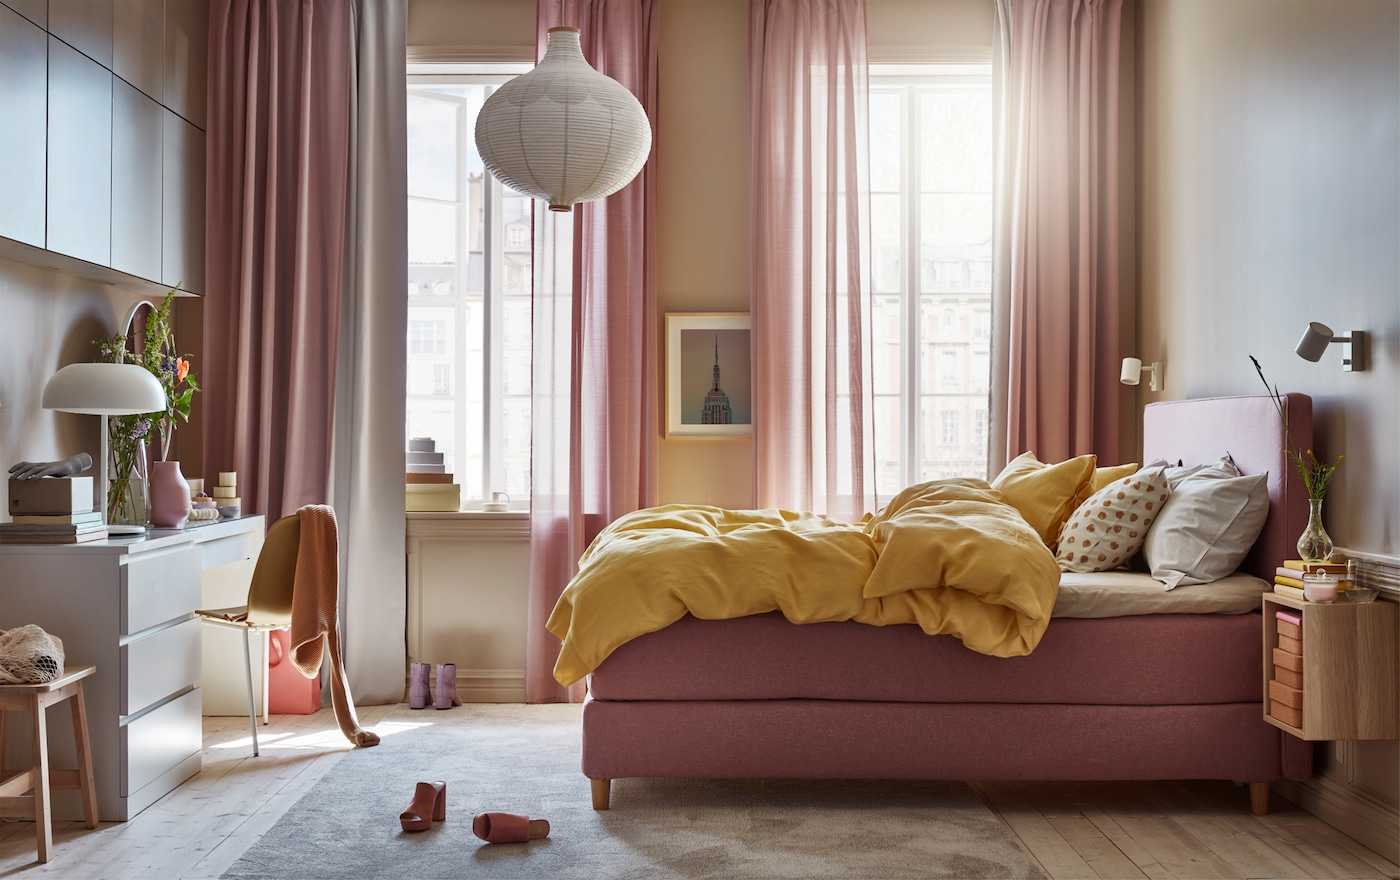 Ein gemütliches Schlafzimmer in braun-rosa mit gelber Bettwäsche, weißen Leuchten, Frisiertisch und braunem Regalelement.